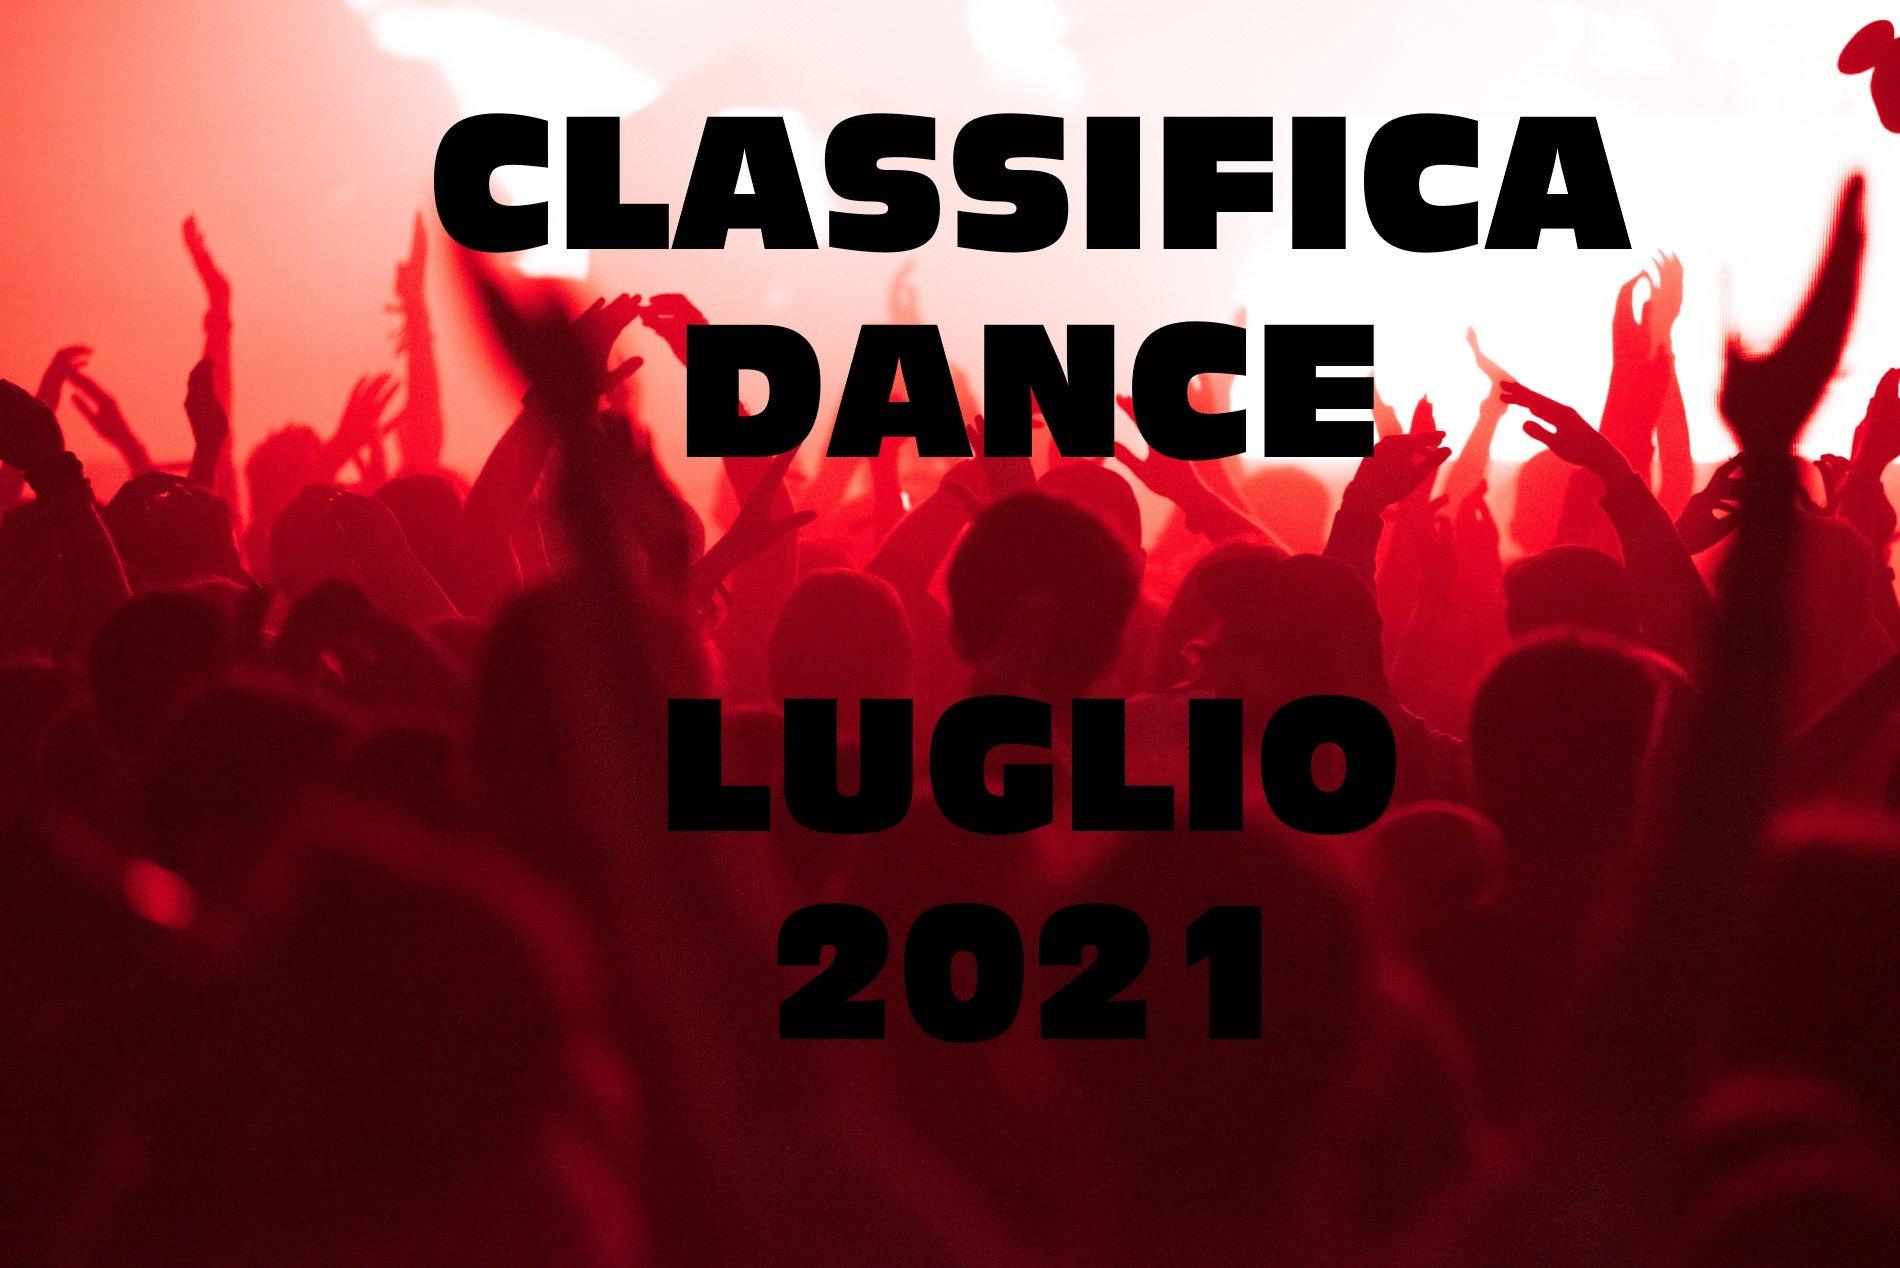 CLASSIFICA DANCE LUGLIO 2021